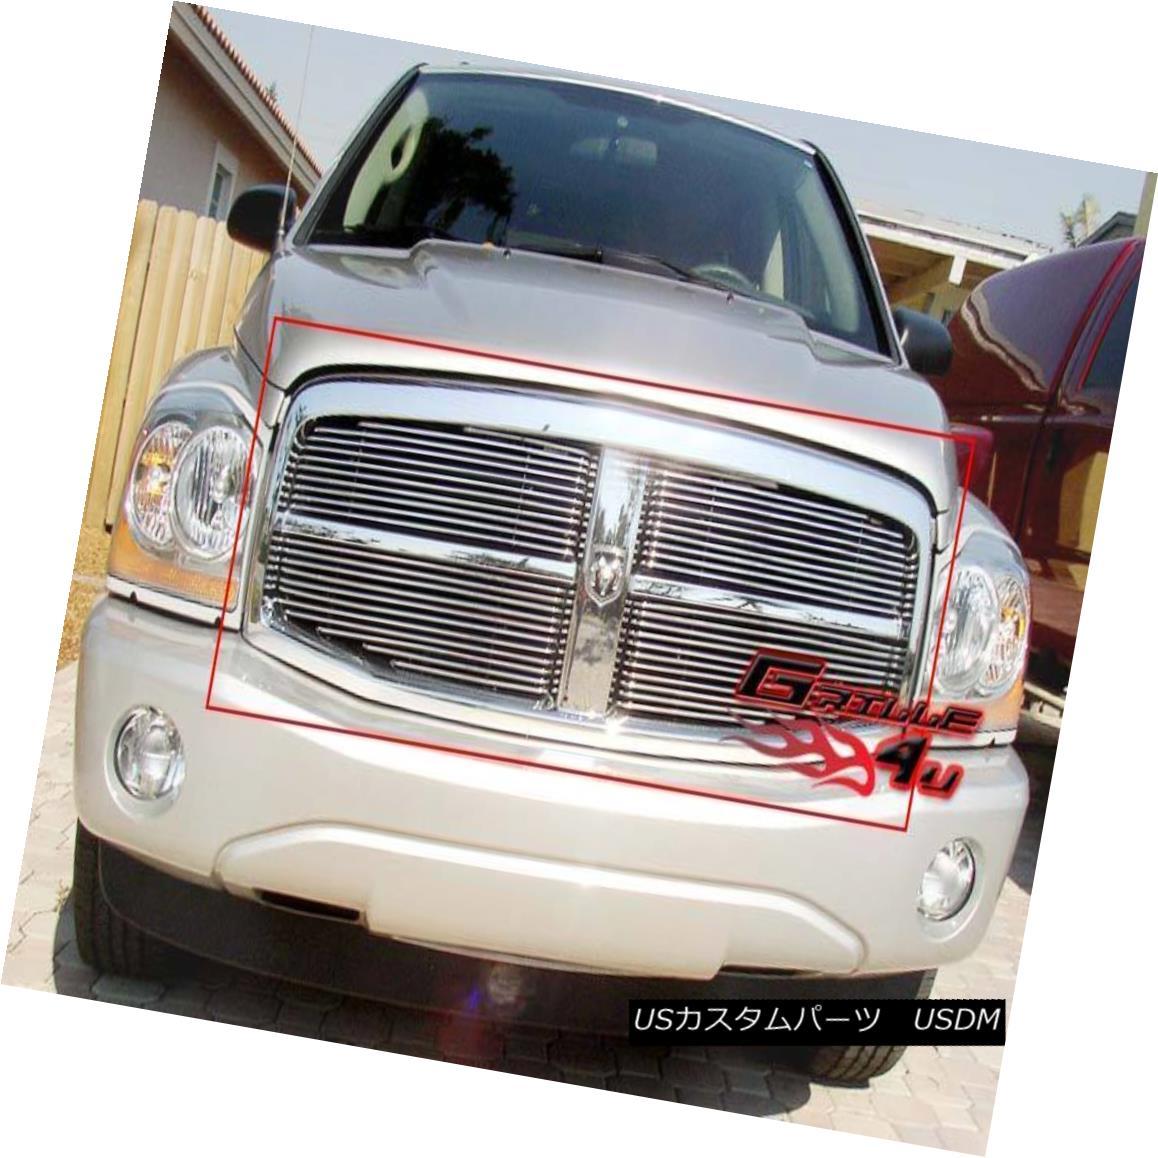 グリル Fits 2004-2006 Dodge Durango Billet Main Upper Grille Insert Dodge Durango Billetメインアッパーグリルインサート